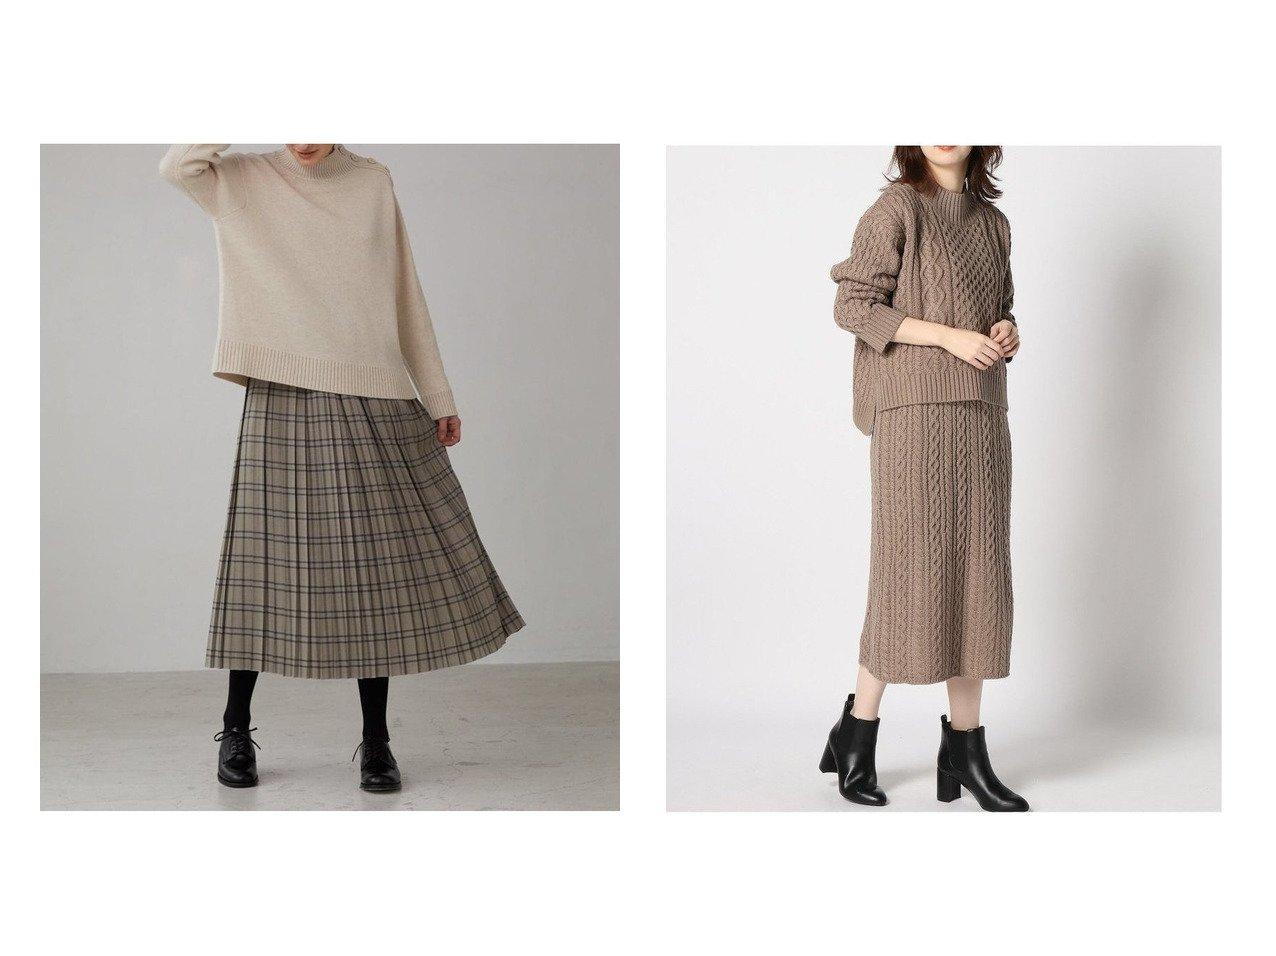 【Bshop/ビショップ】の【LE GLAZIK】ウールチェック タックギャザープリーツスカート WOMEN&【GLOBAL WORK/グローバルワーク】のケーブルニットSETUP スカートのおすすめ!人気、レディースファッションの通販 おすすめで人気のファッション通販商品 インテリア・家具・キッズファッション・メンズファッション・レディースファッション・服の通販 founy(ファニー) https://founy.com/ ファッション Fashion レディース WOMEN スカート Skirt プリーツスカート Pleated Skirts トップス Tops Tshirt ニット Knit Tops アンサンブル Knit Ensemble シャツ/ブラウス Shirts Blouses セットアップ Setup トップス Tops スカート Skirt ギャザー クラシカル チェック フランス プリーツ ランダム アンサンブル セットアップ バランス |ID:crp329100000001172